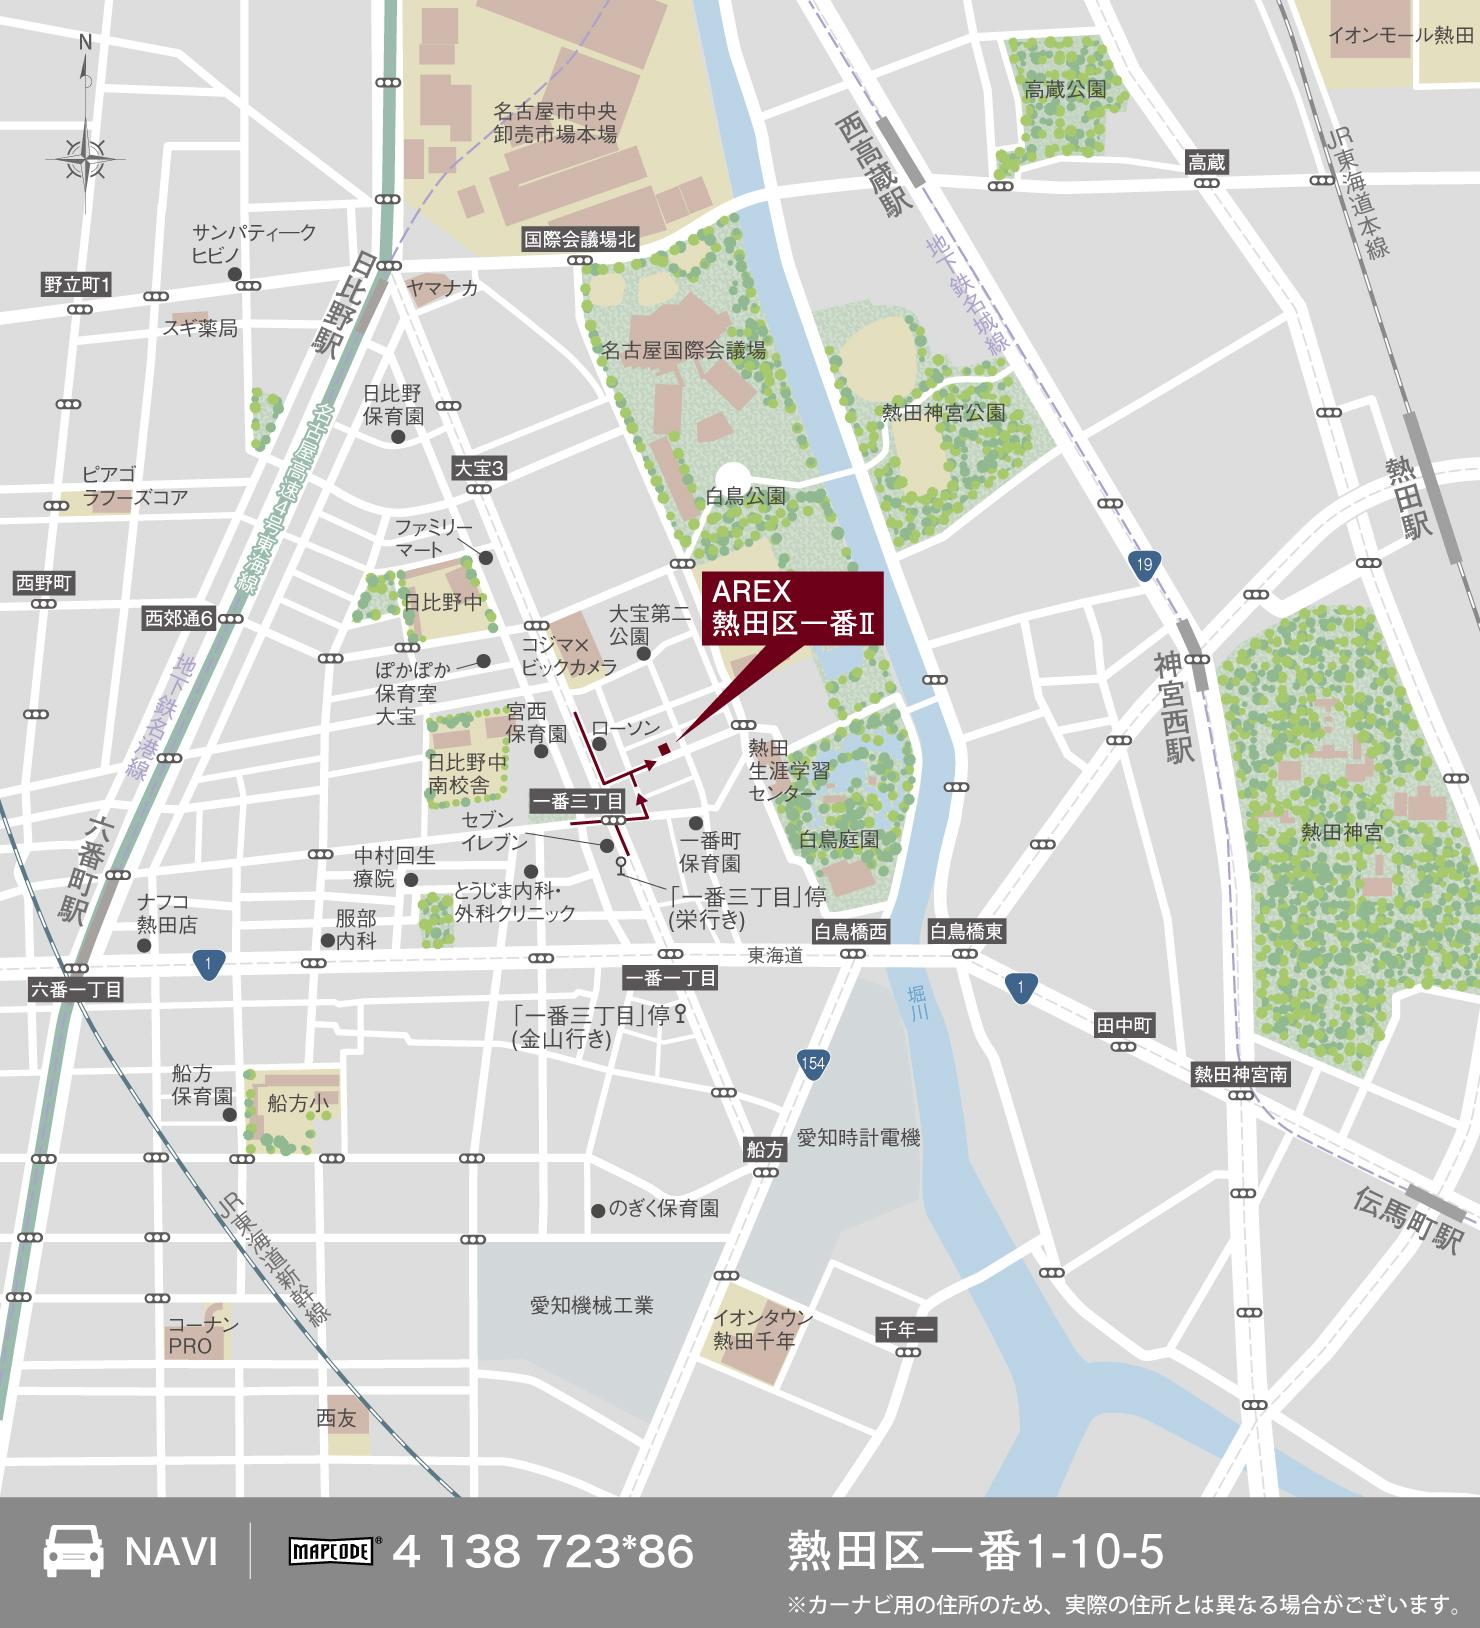 3_地図_熱田区一番2